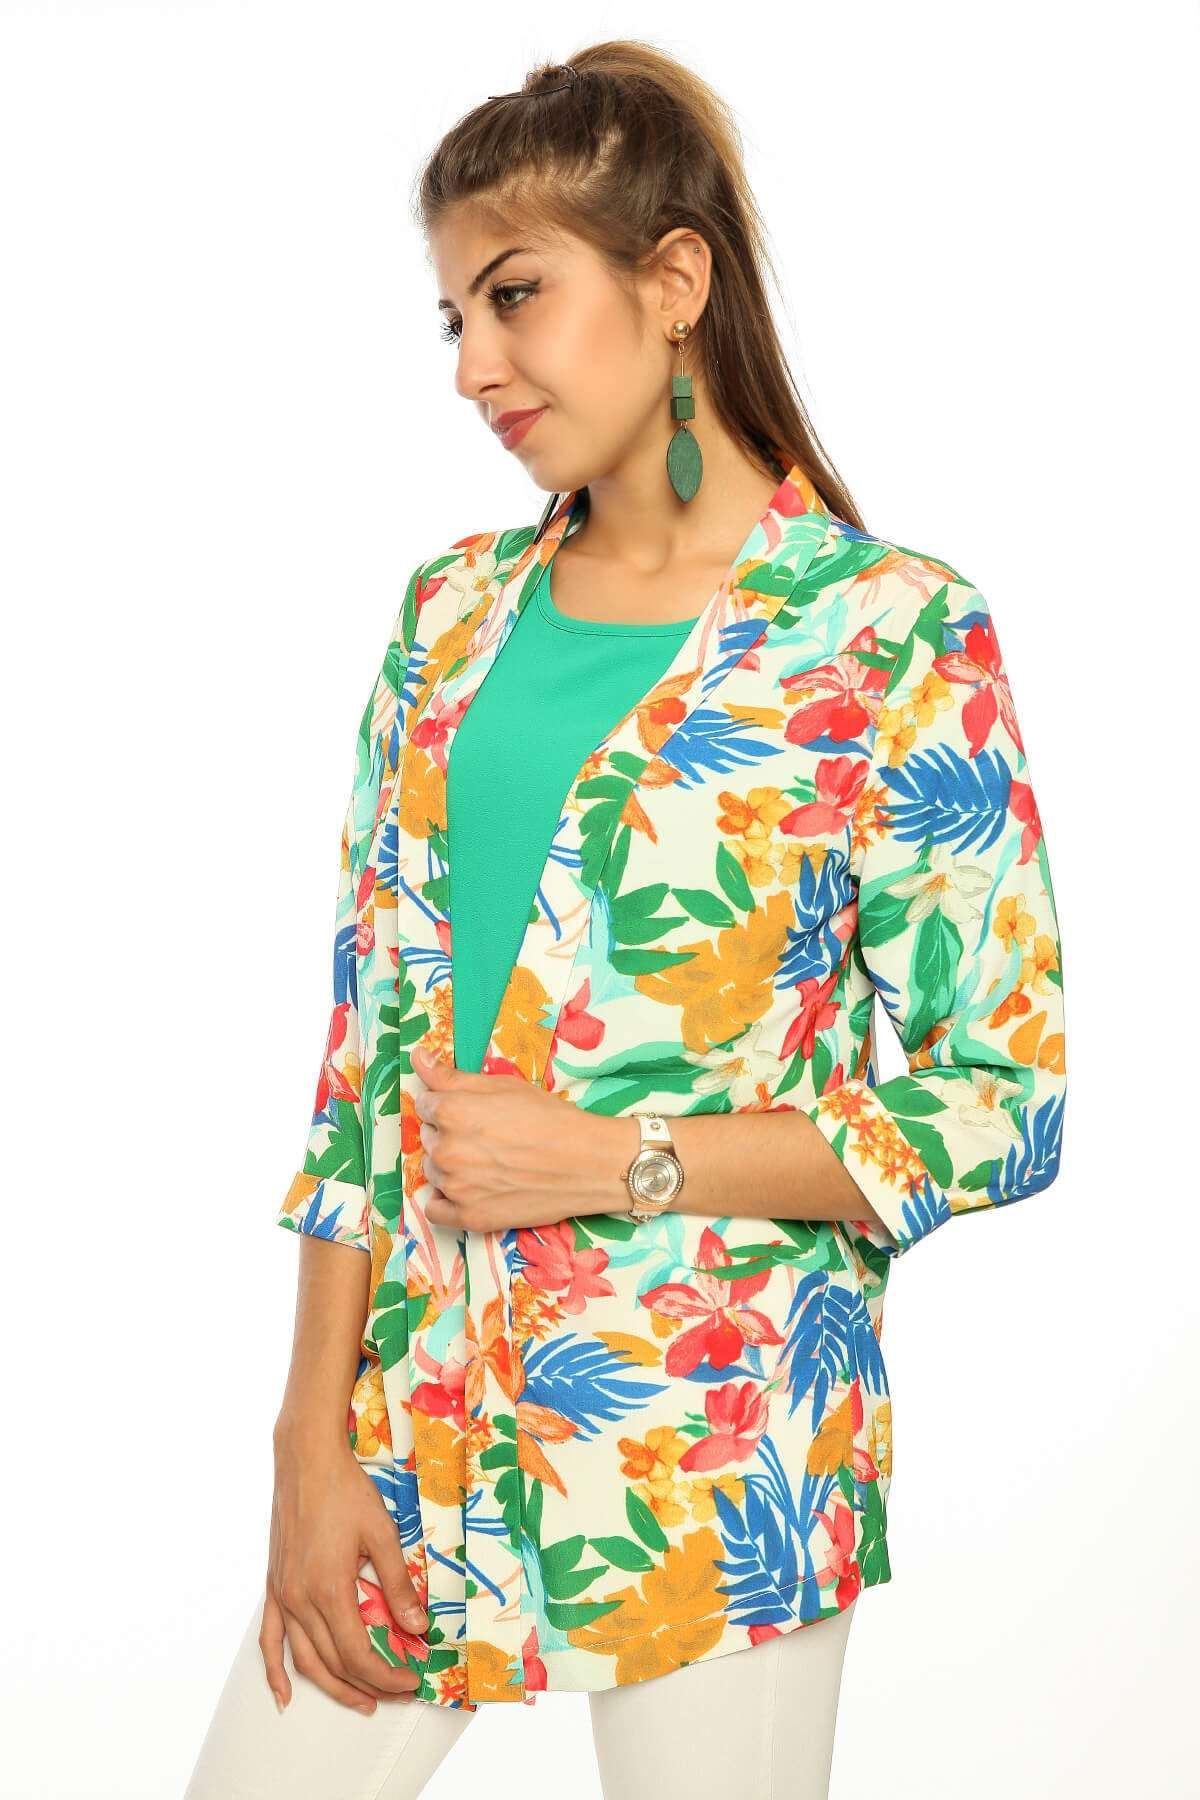 Renkli Çiçek Desenli Ceket Krem